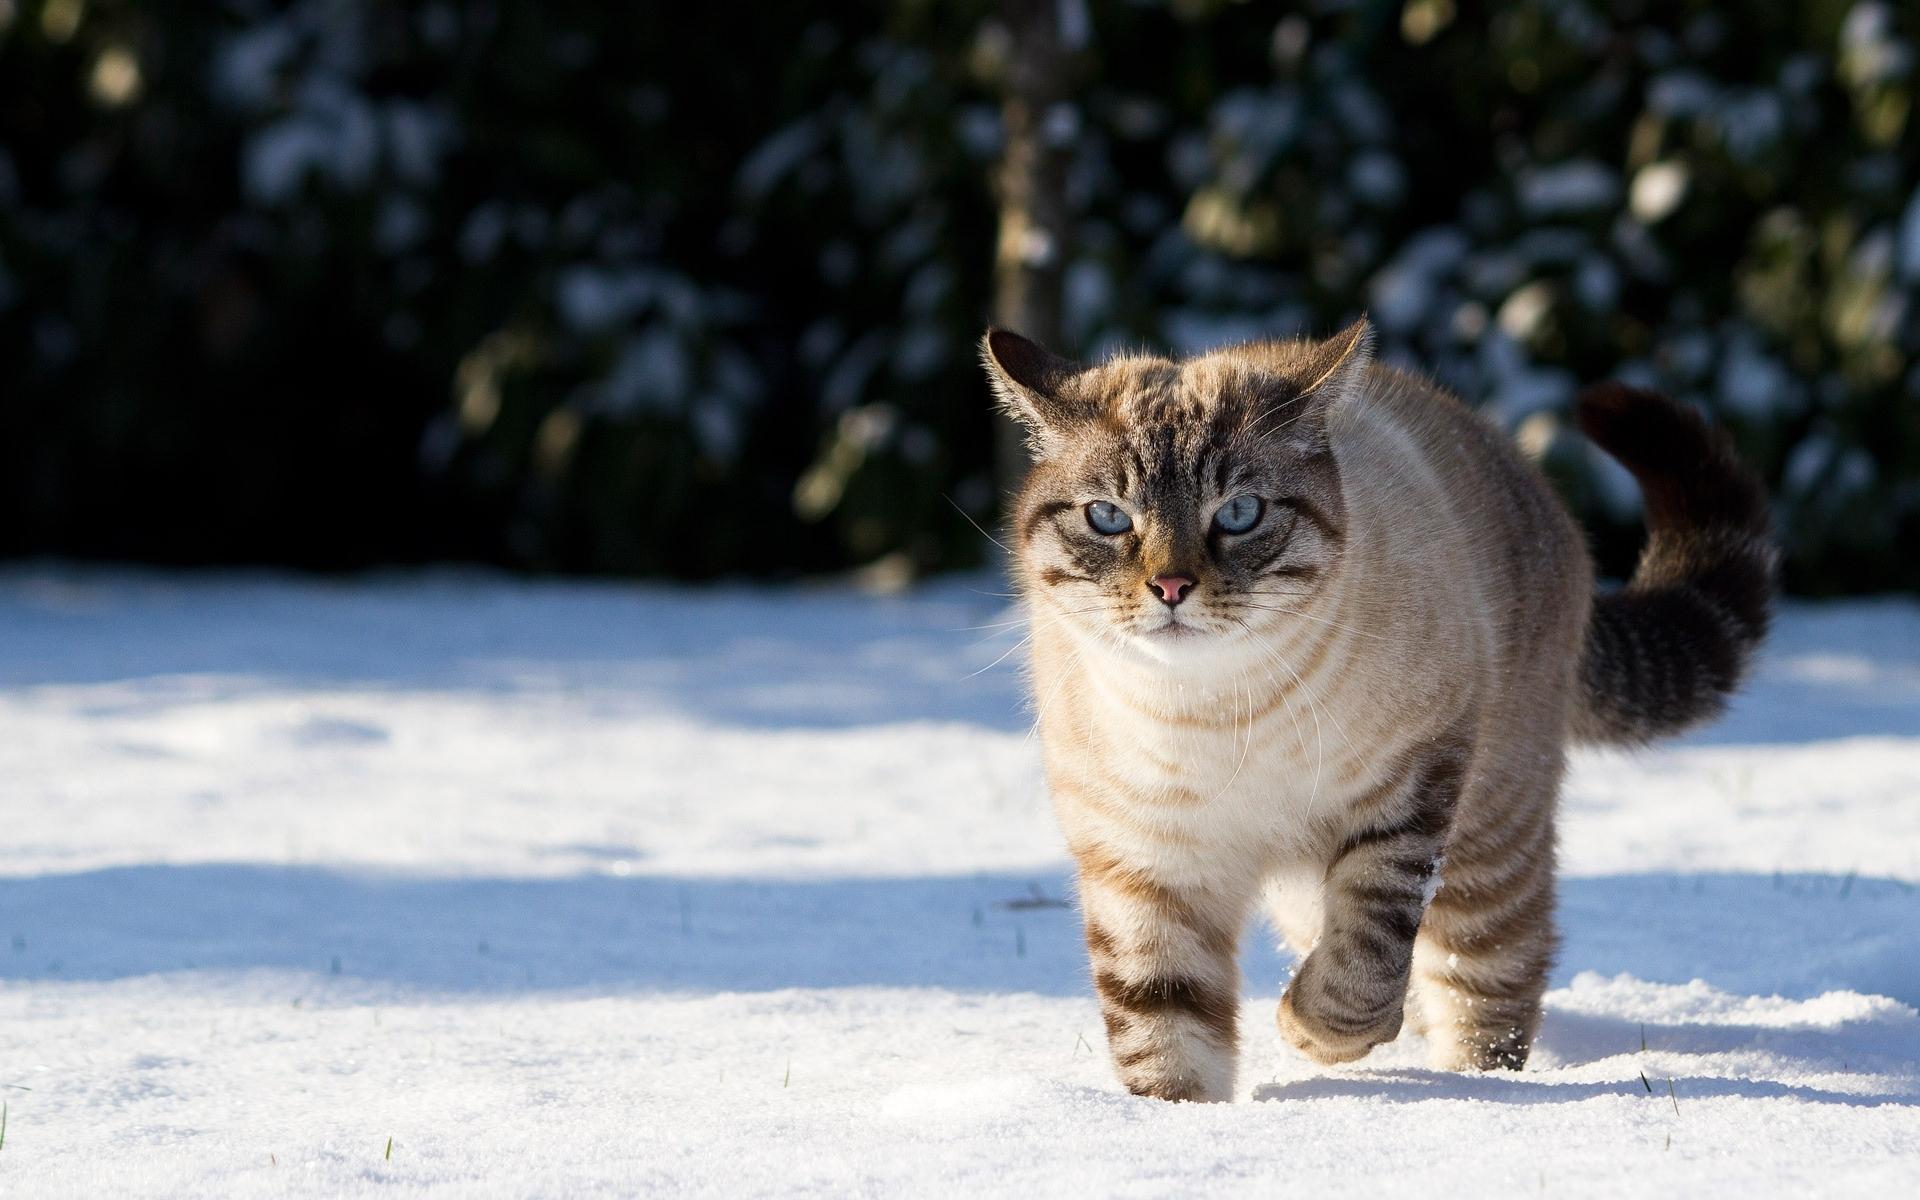 Скачать картинку Кошки (Коты, Котики), Животные в телефон бесплатно.